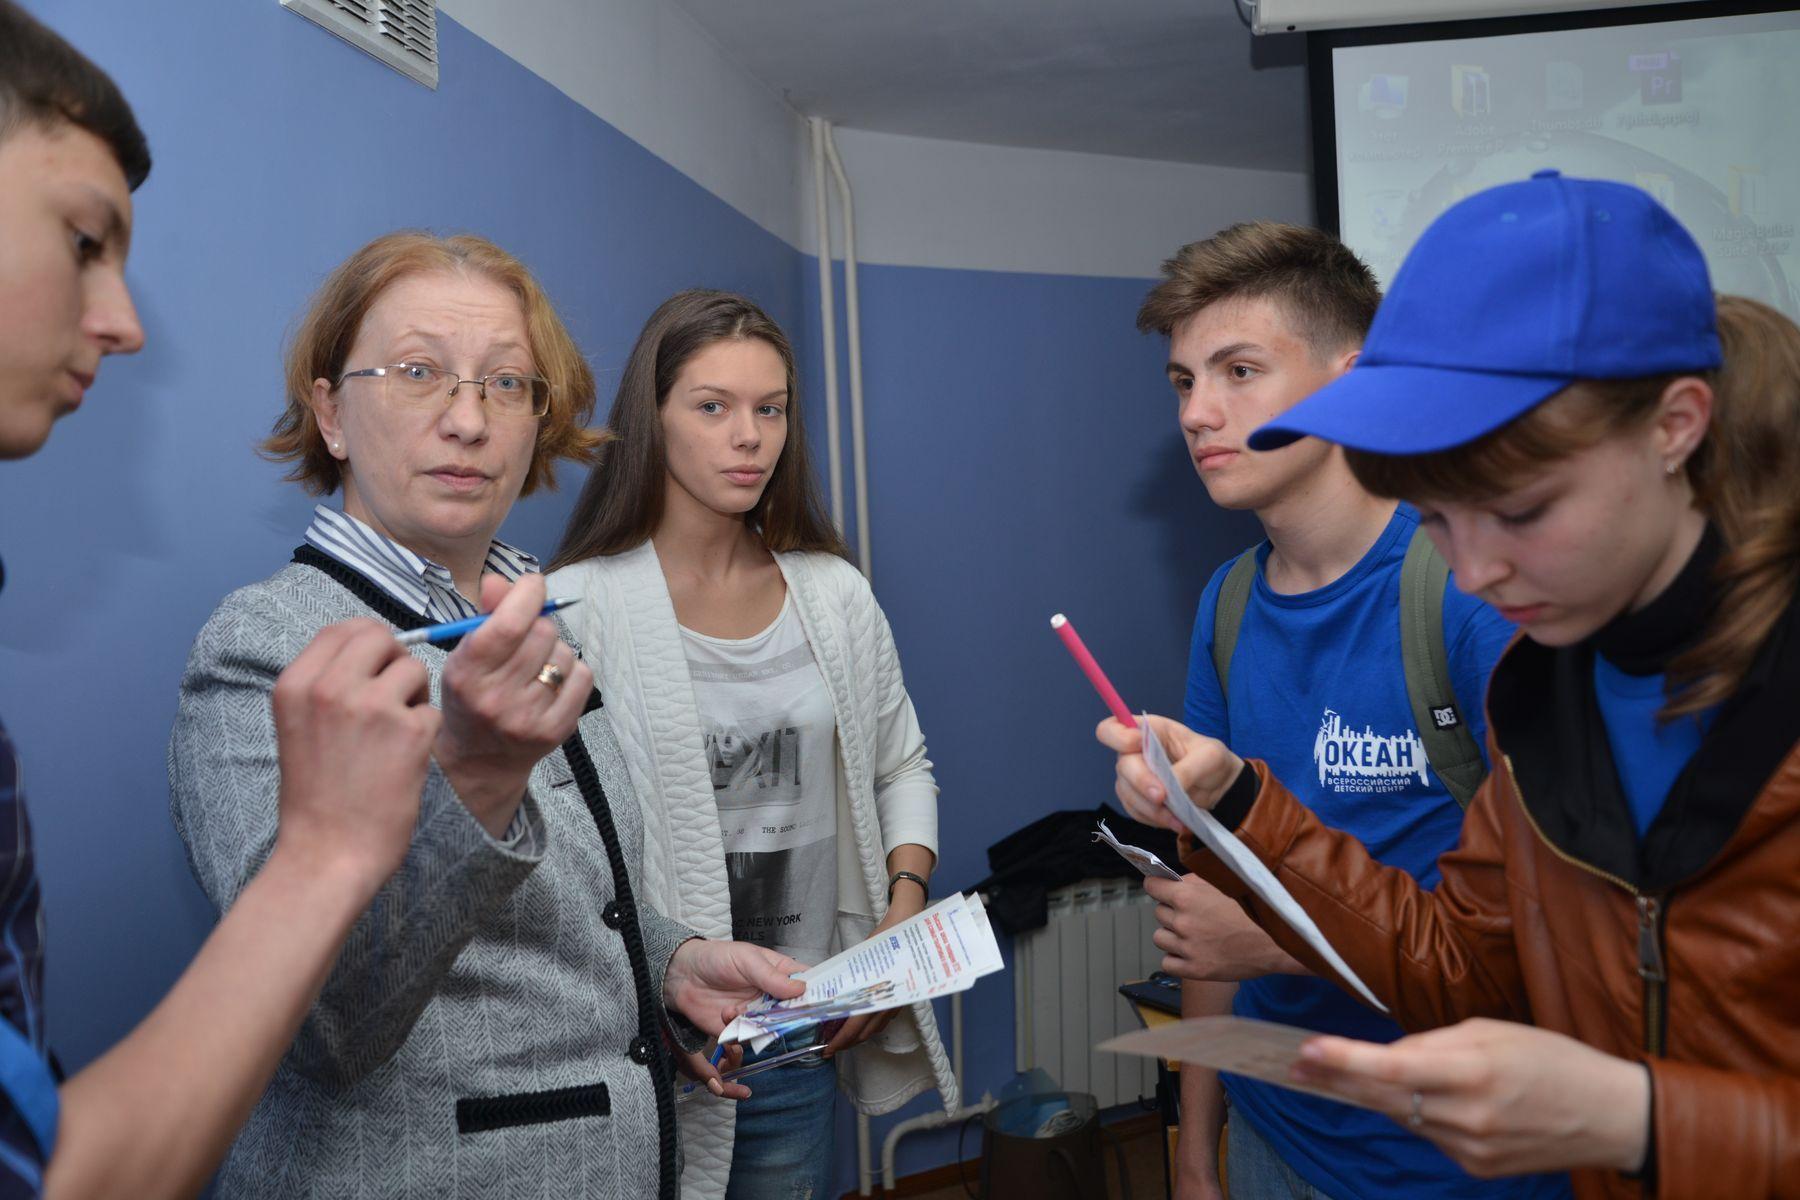 ВГУЭС в ВДЦ «Океан»: старшеклассники проводят каникулы вместе с университетом